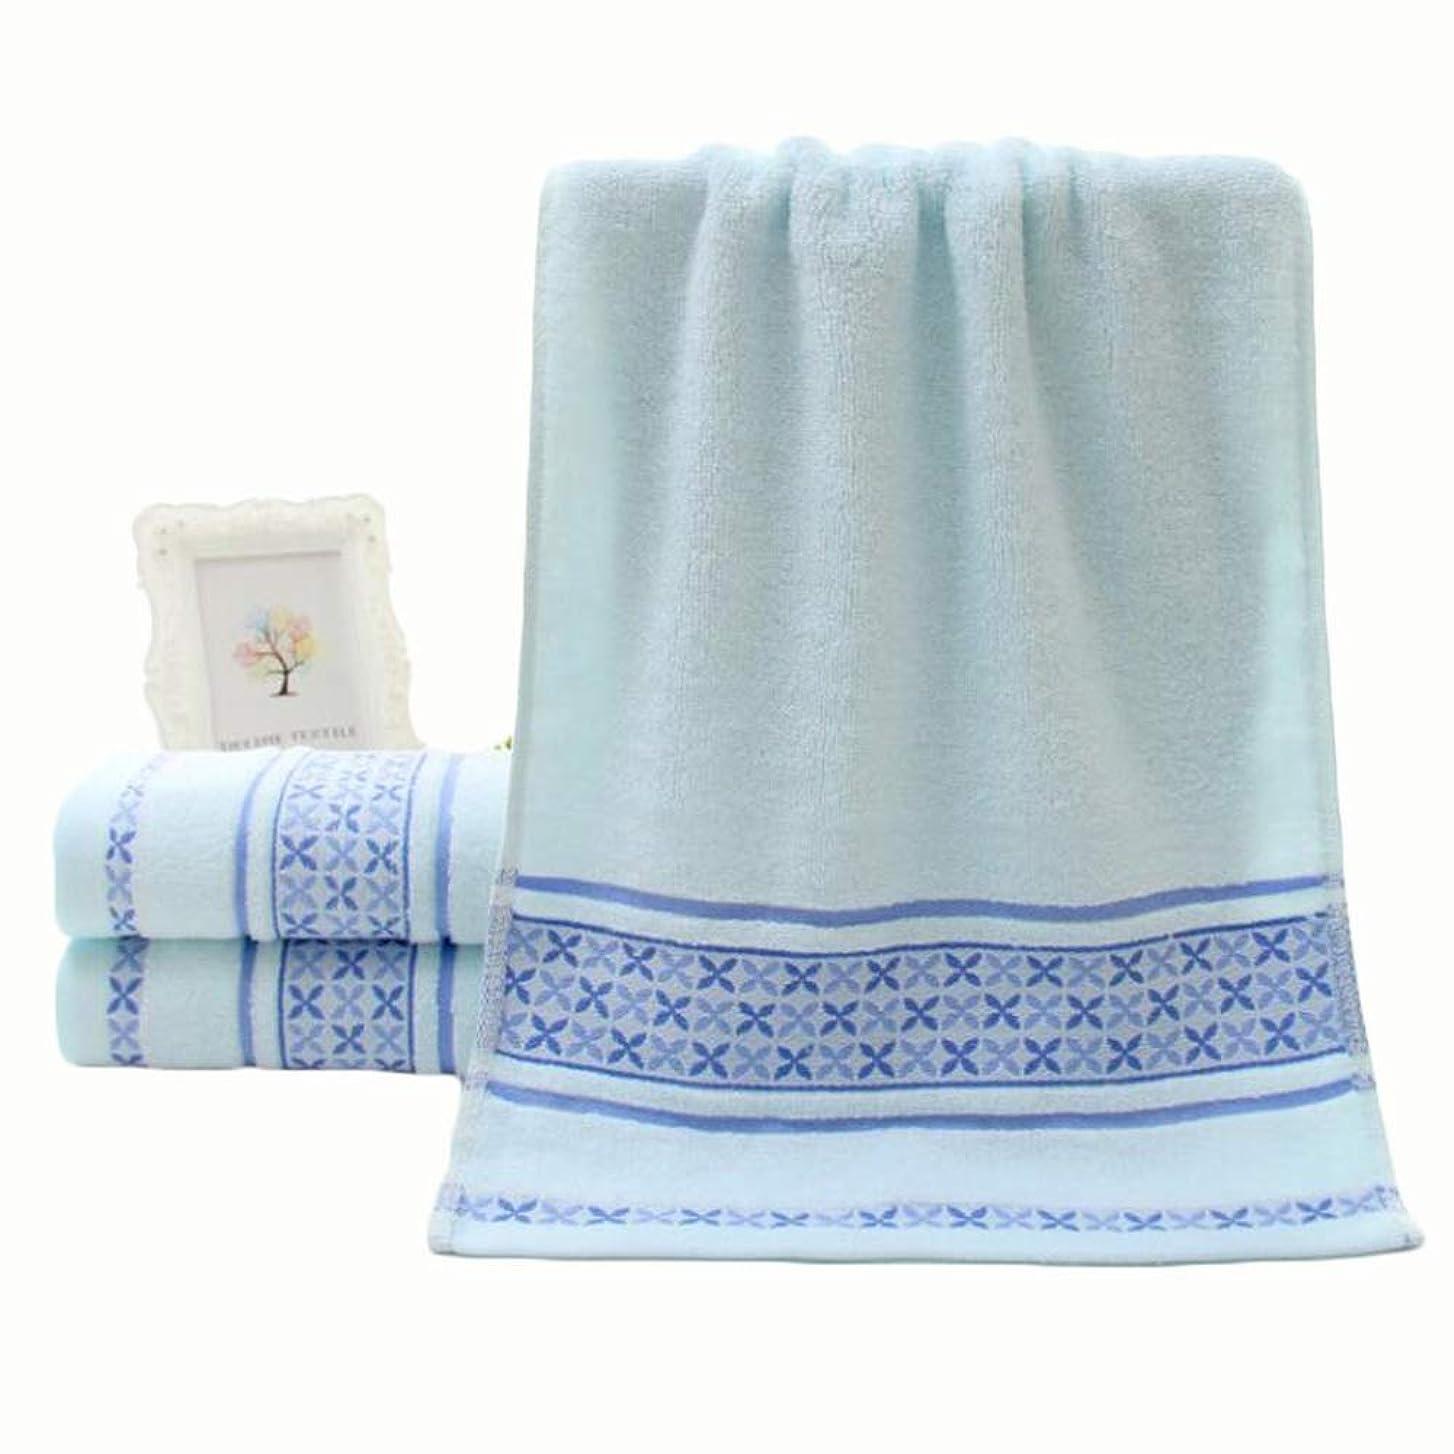 慈善ヘビ一緒CXUNKK 2PCS / LOT家庭用綿洗いソフト吸収性ジャカードカップルタオル (Color : Blue)